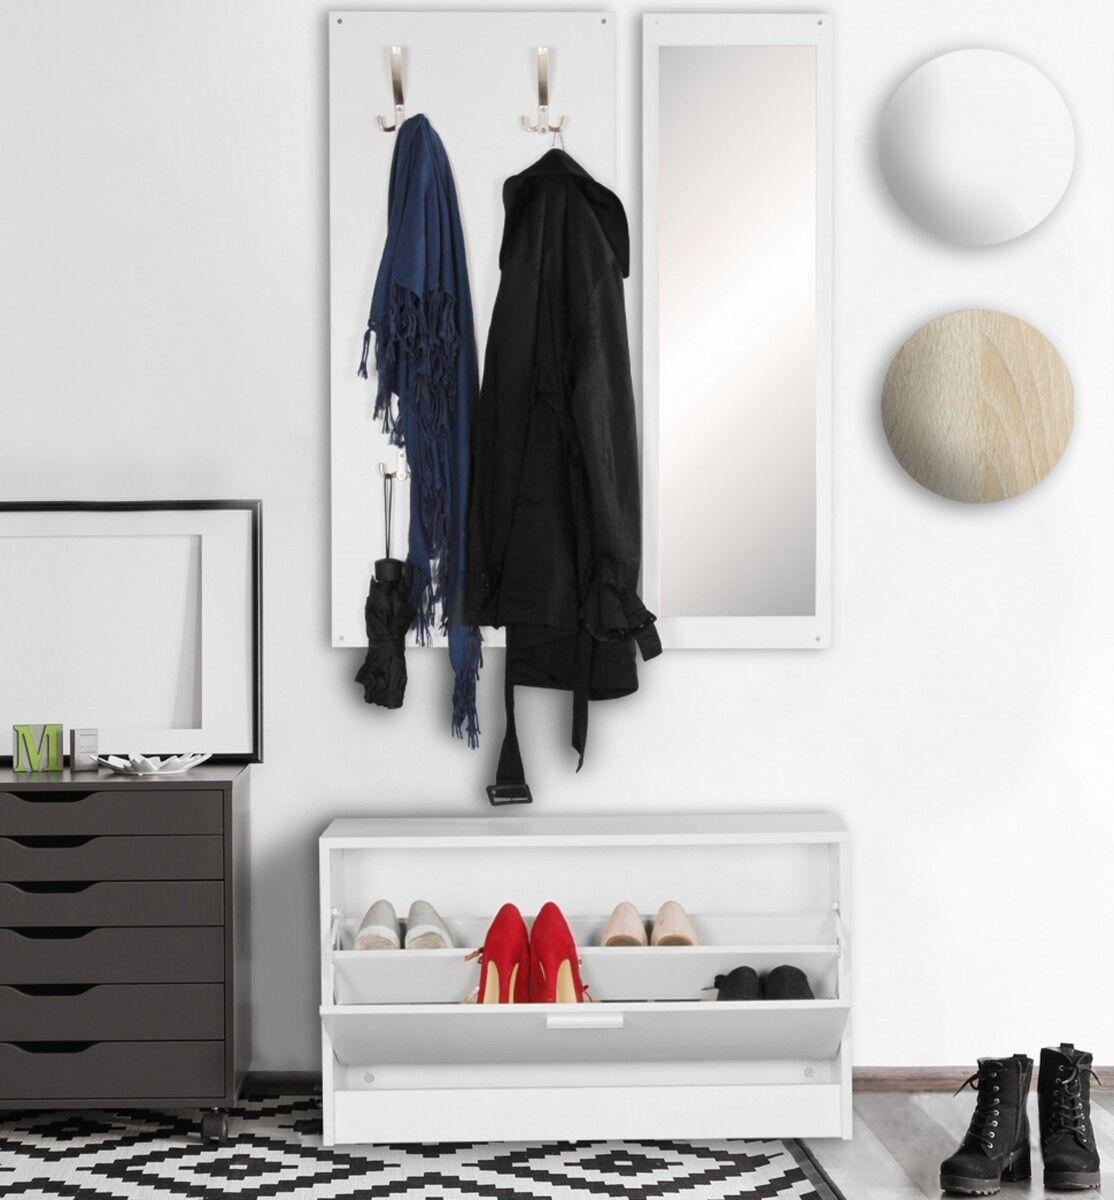 Armadio a muro con specchio armadio compatto corridoio completo guardaroba sala